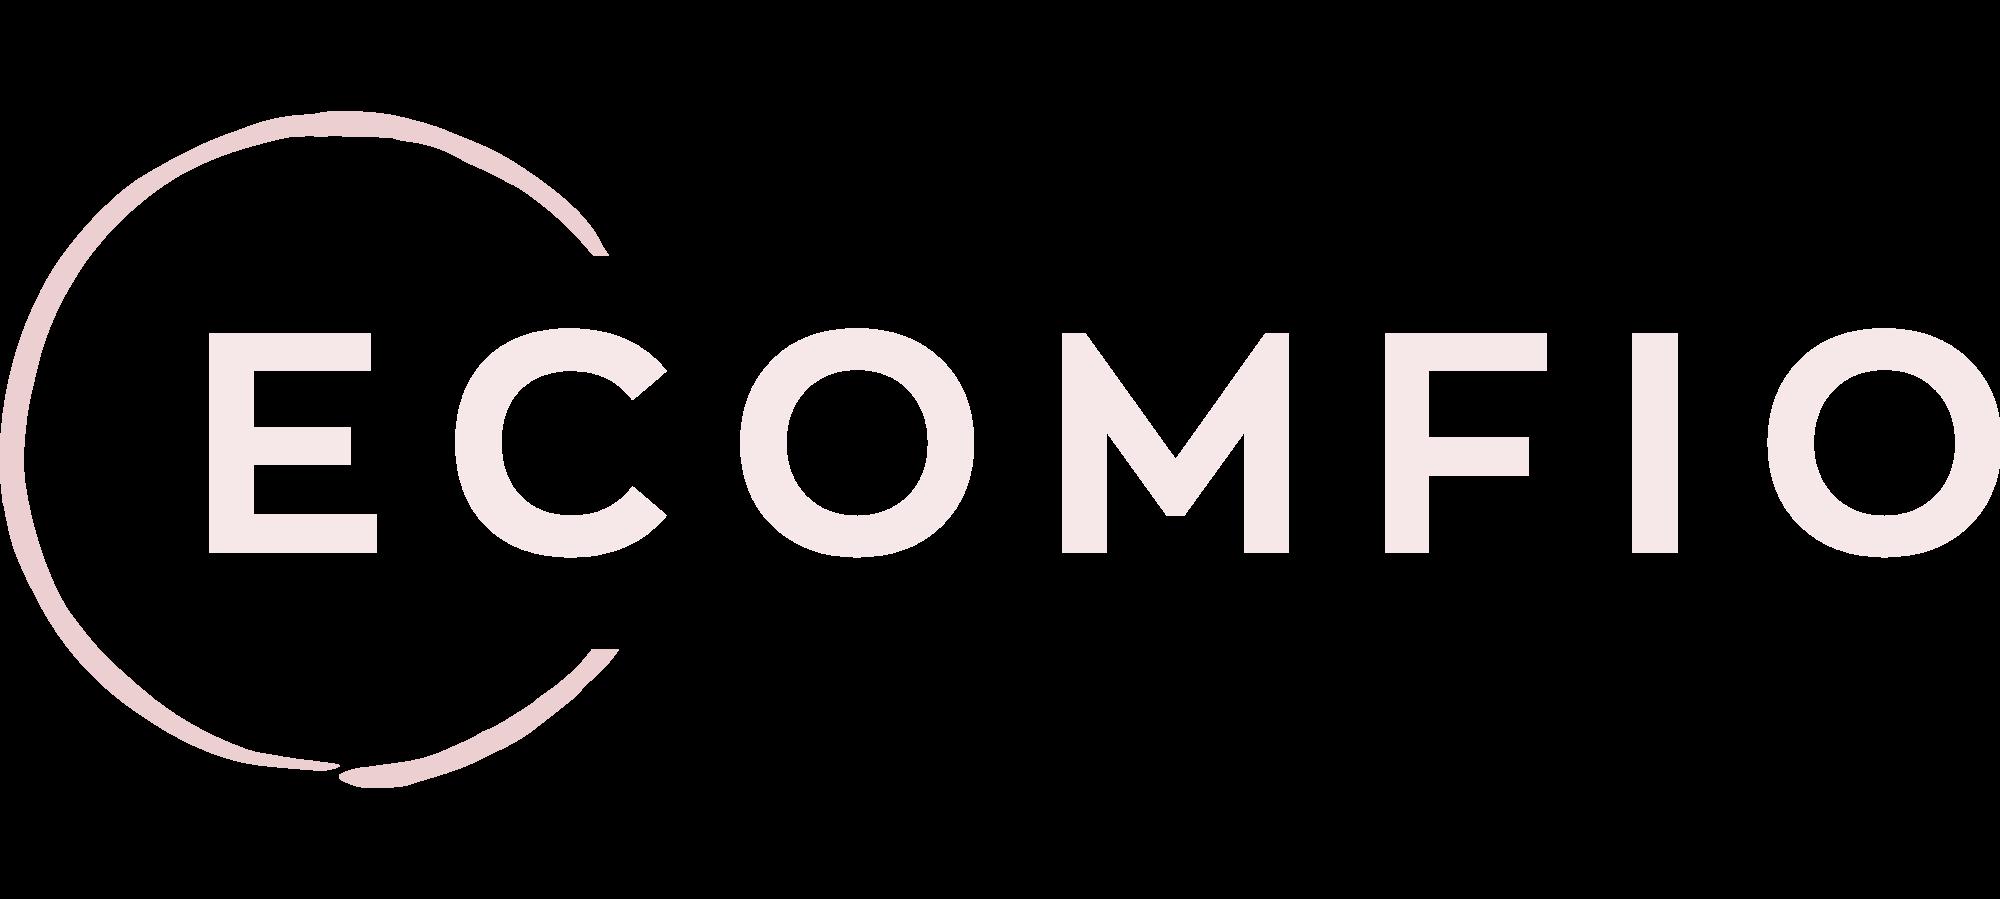 Ecomfio.com